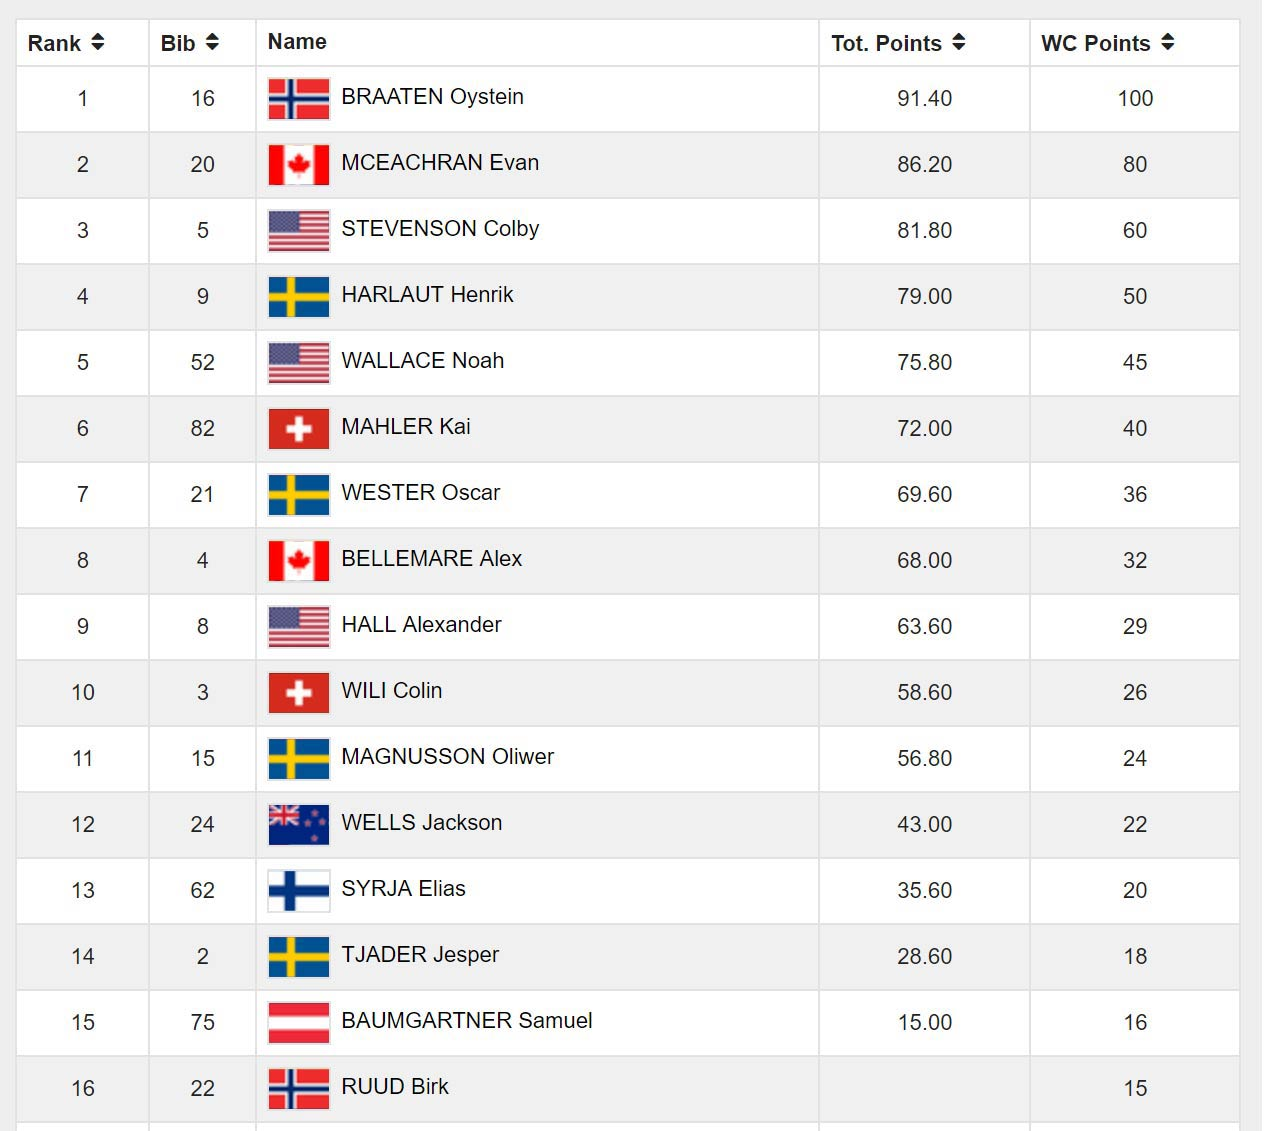 Das Ergebnis der Männer aus den Finales bei den Stubai Freeski Open 2017 (Slopestyle)